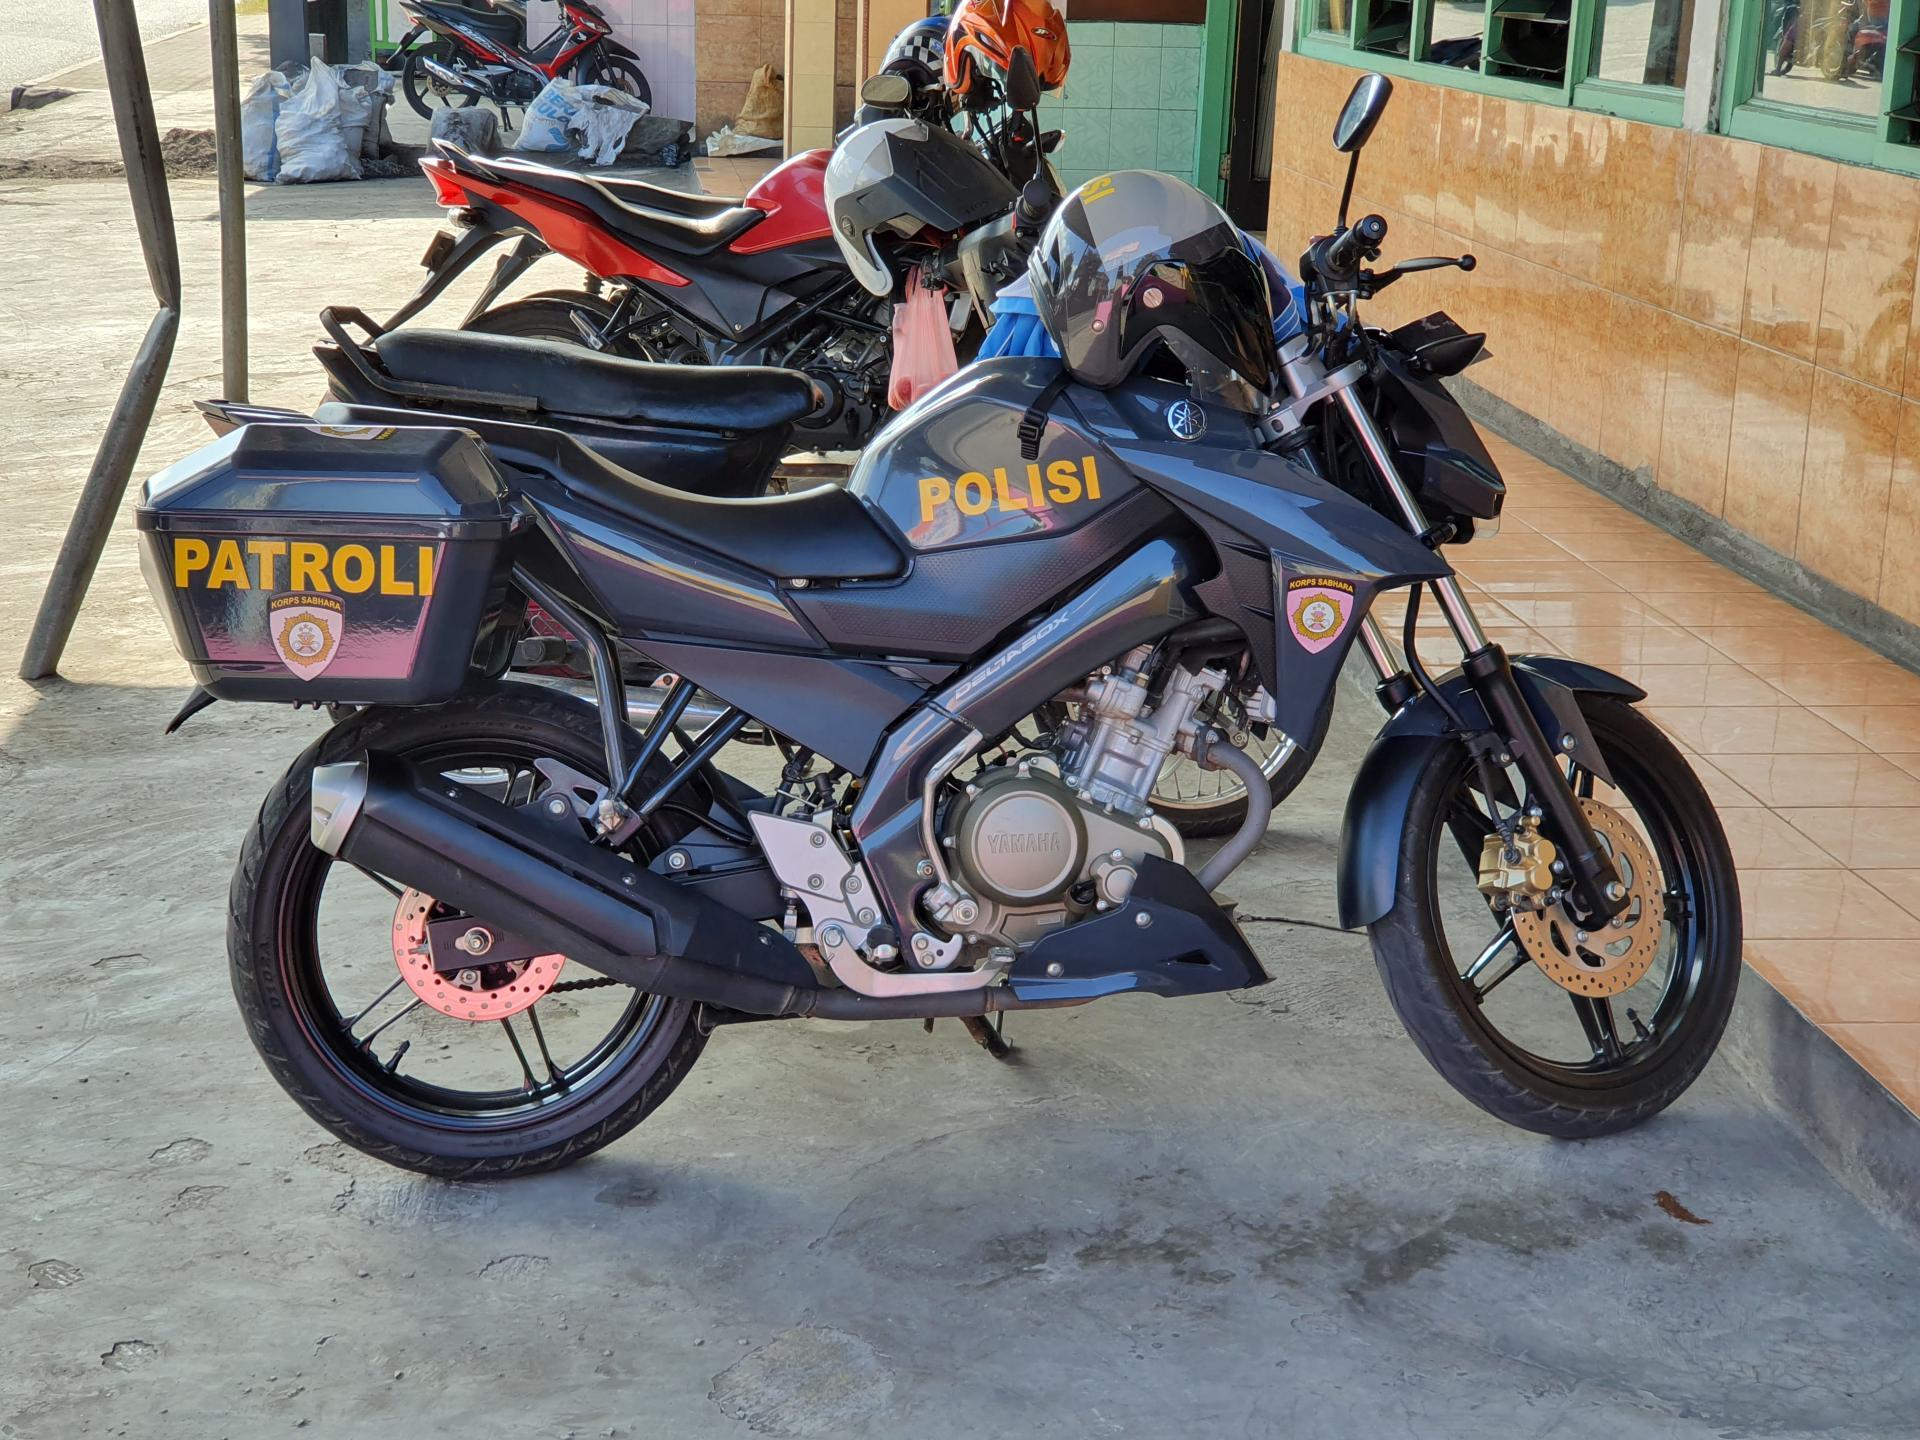 полицейский байк в Индонезии